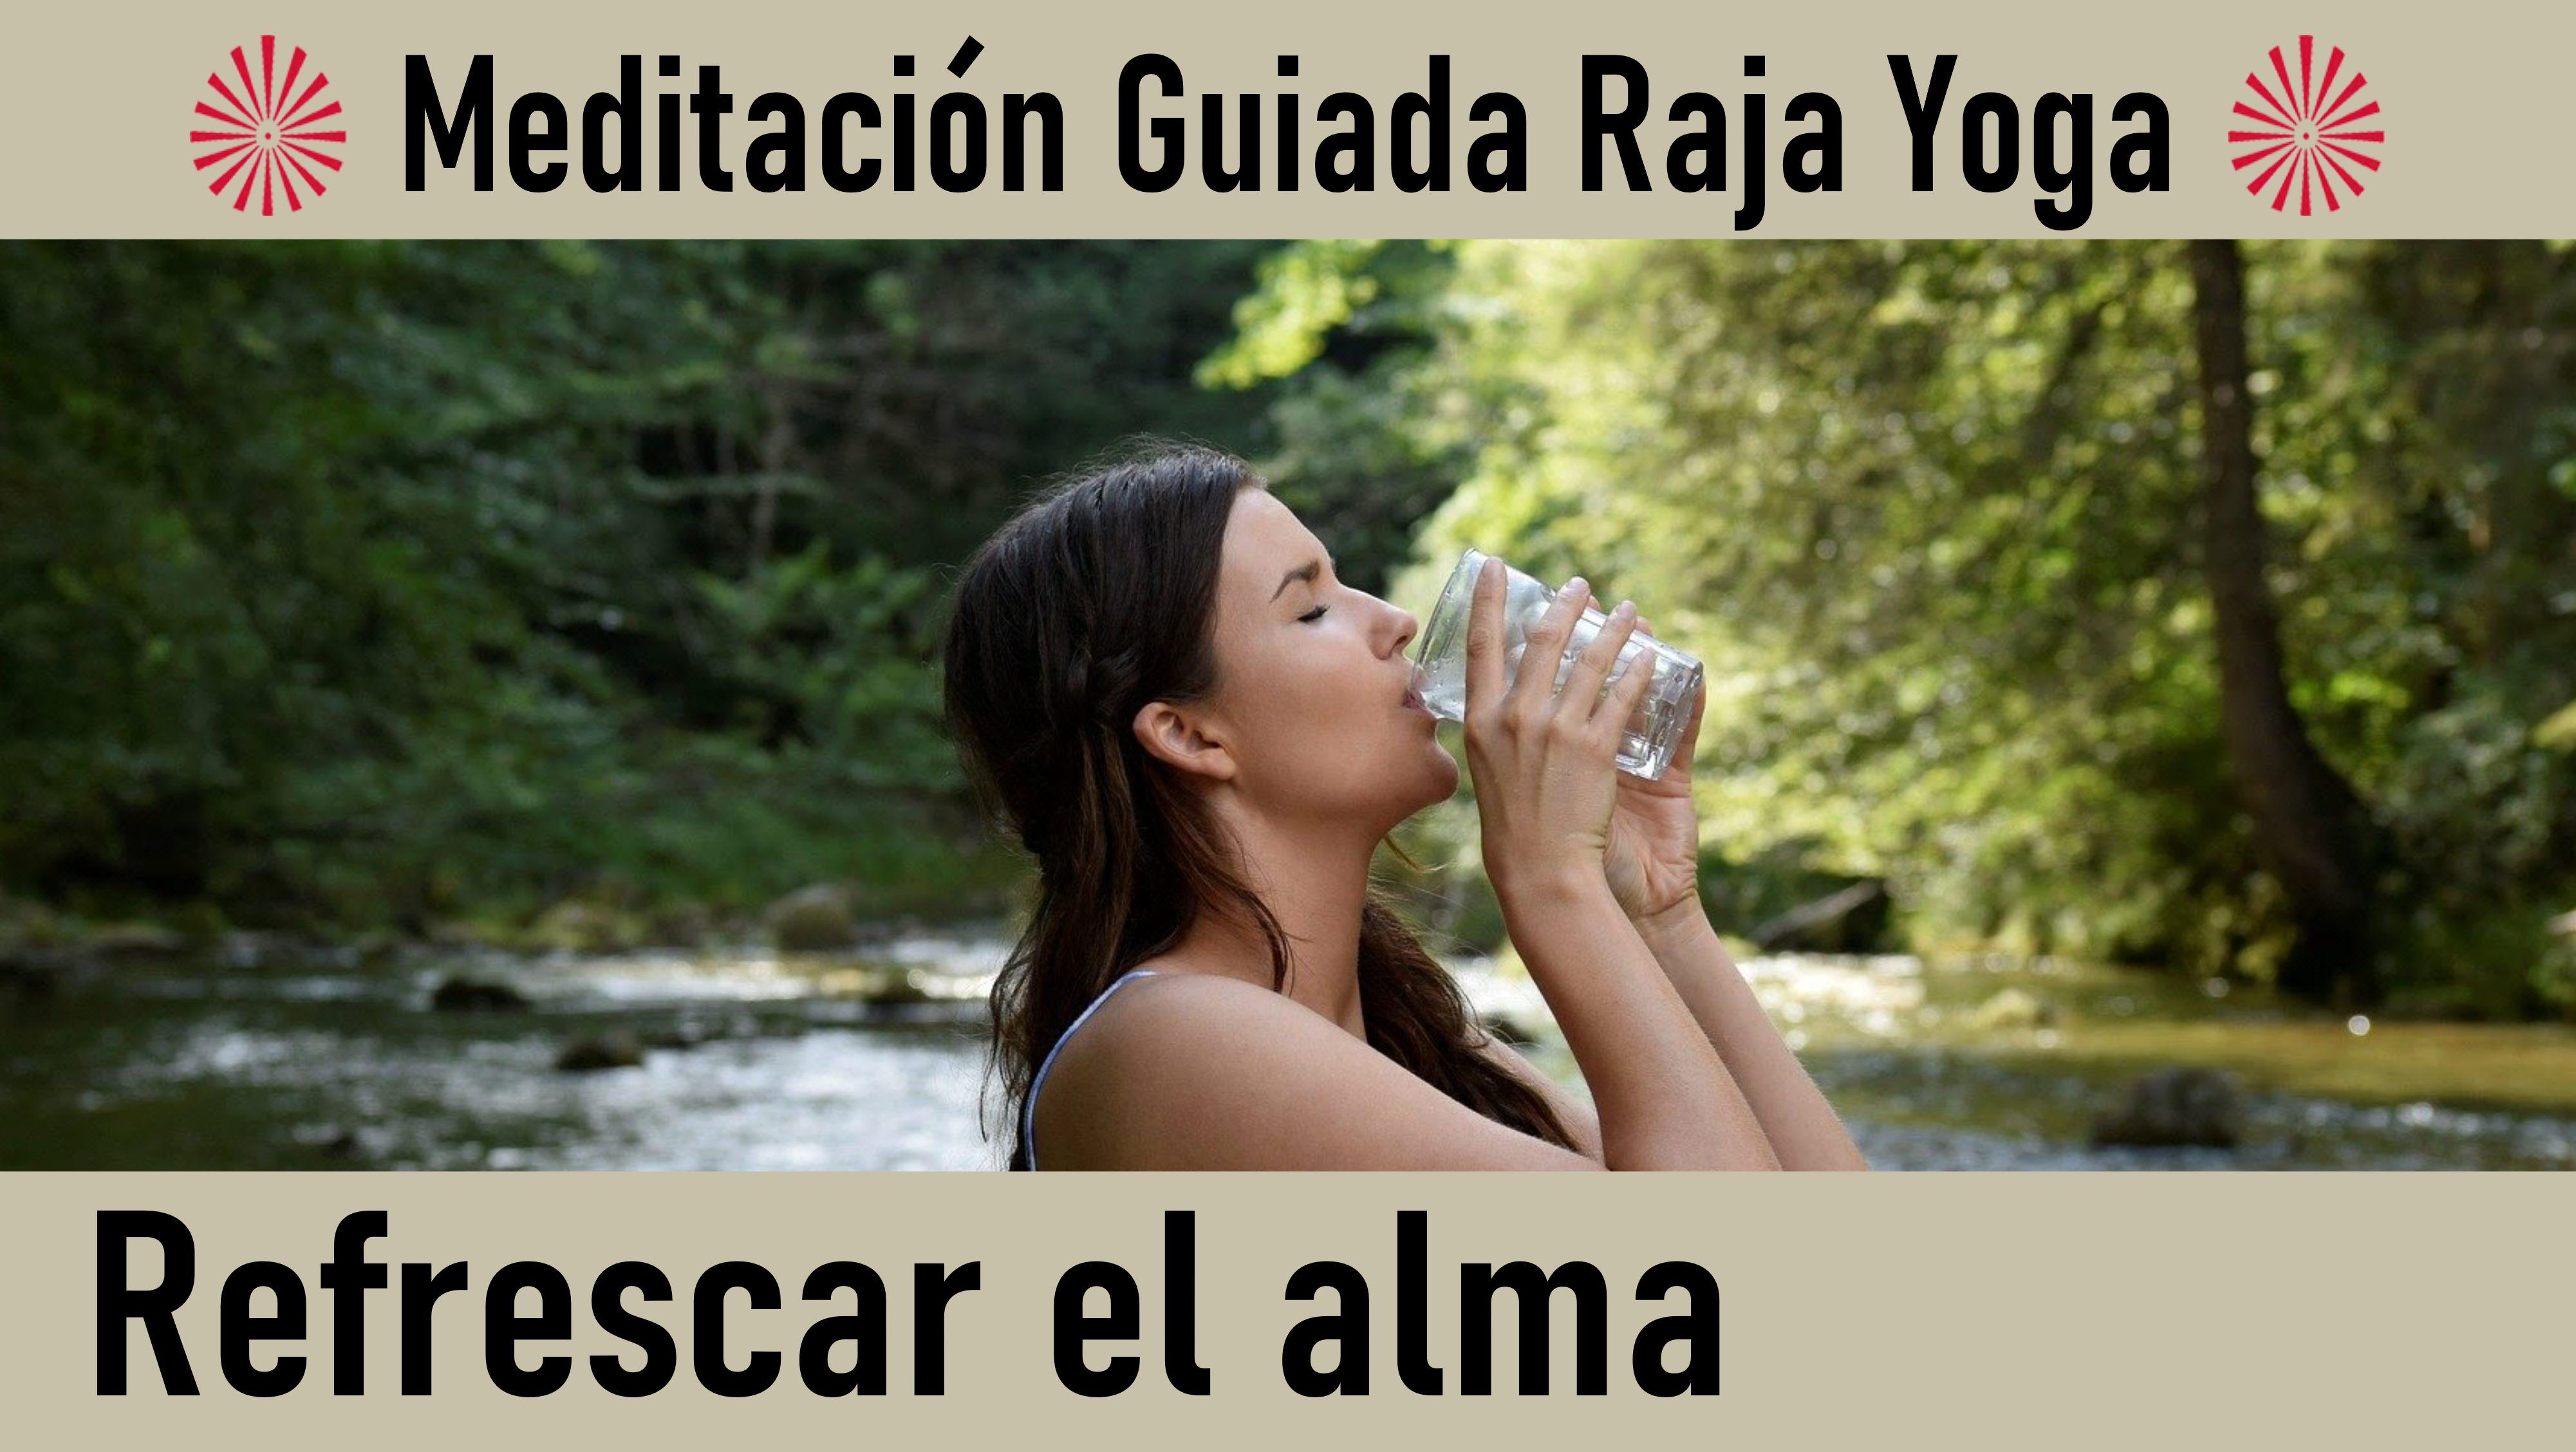 Meditación Raja Yoga: Refrescar el alma (8 Agosto 2020) On-line desde Valencia